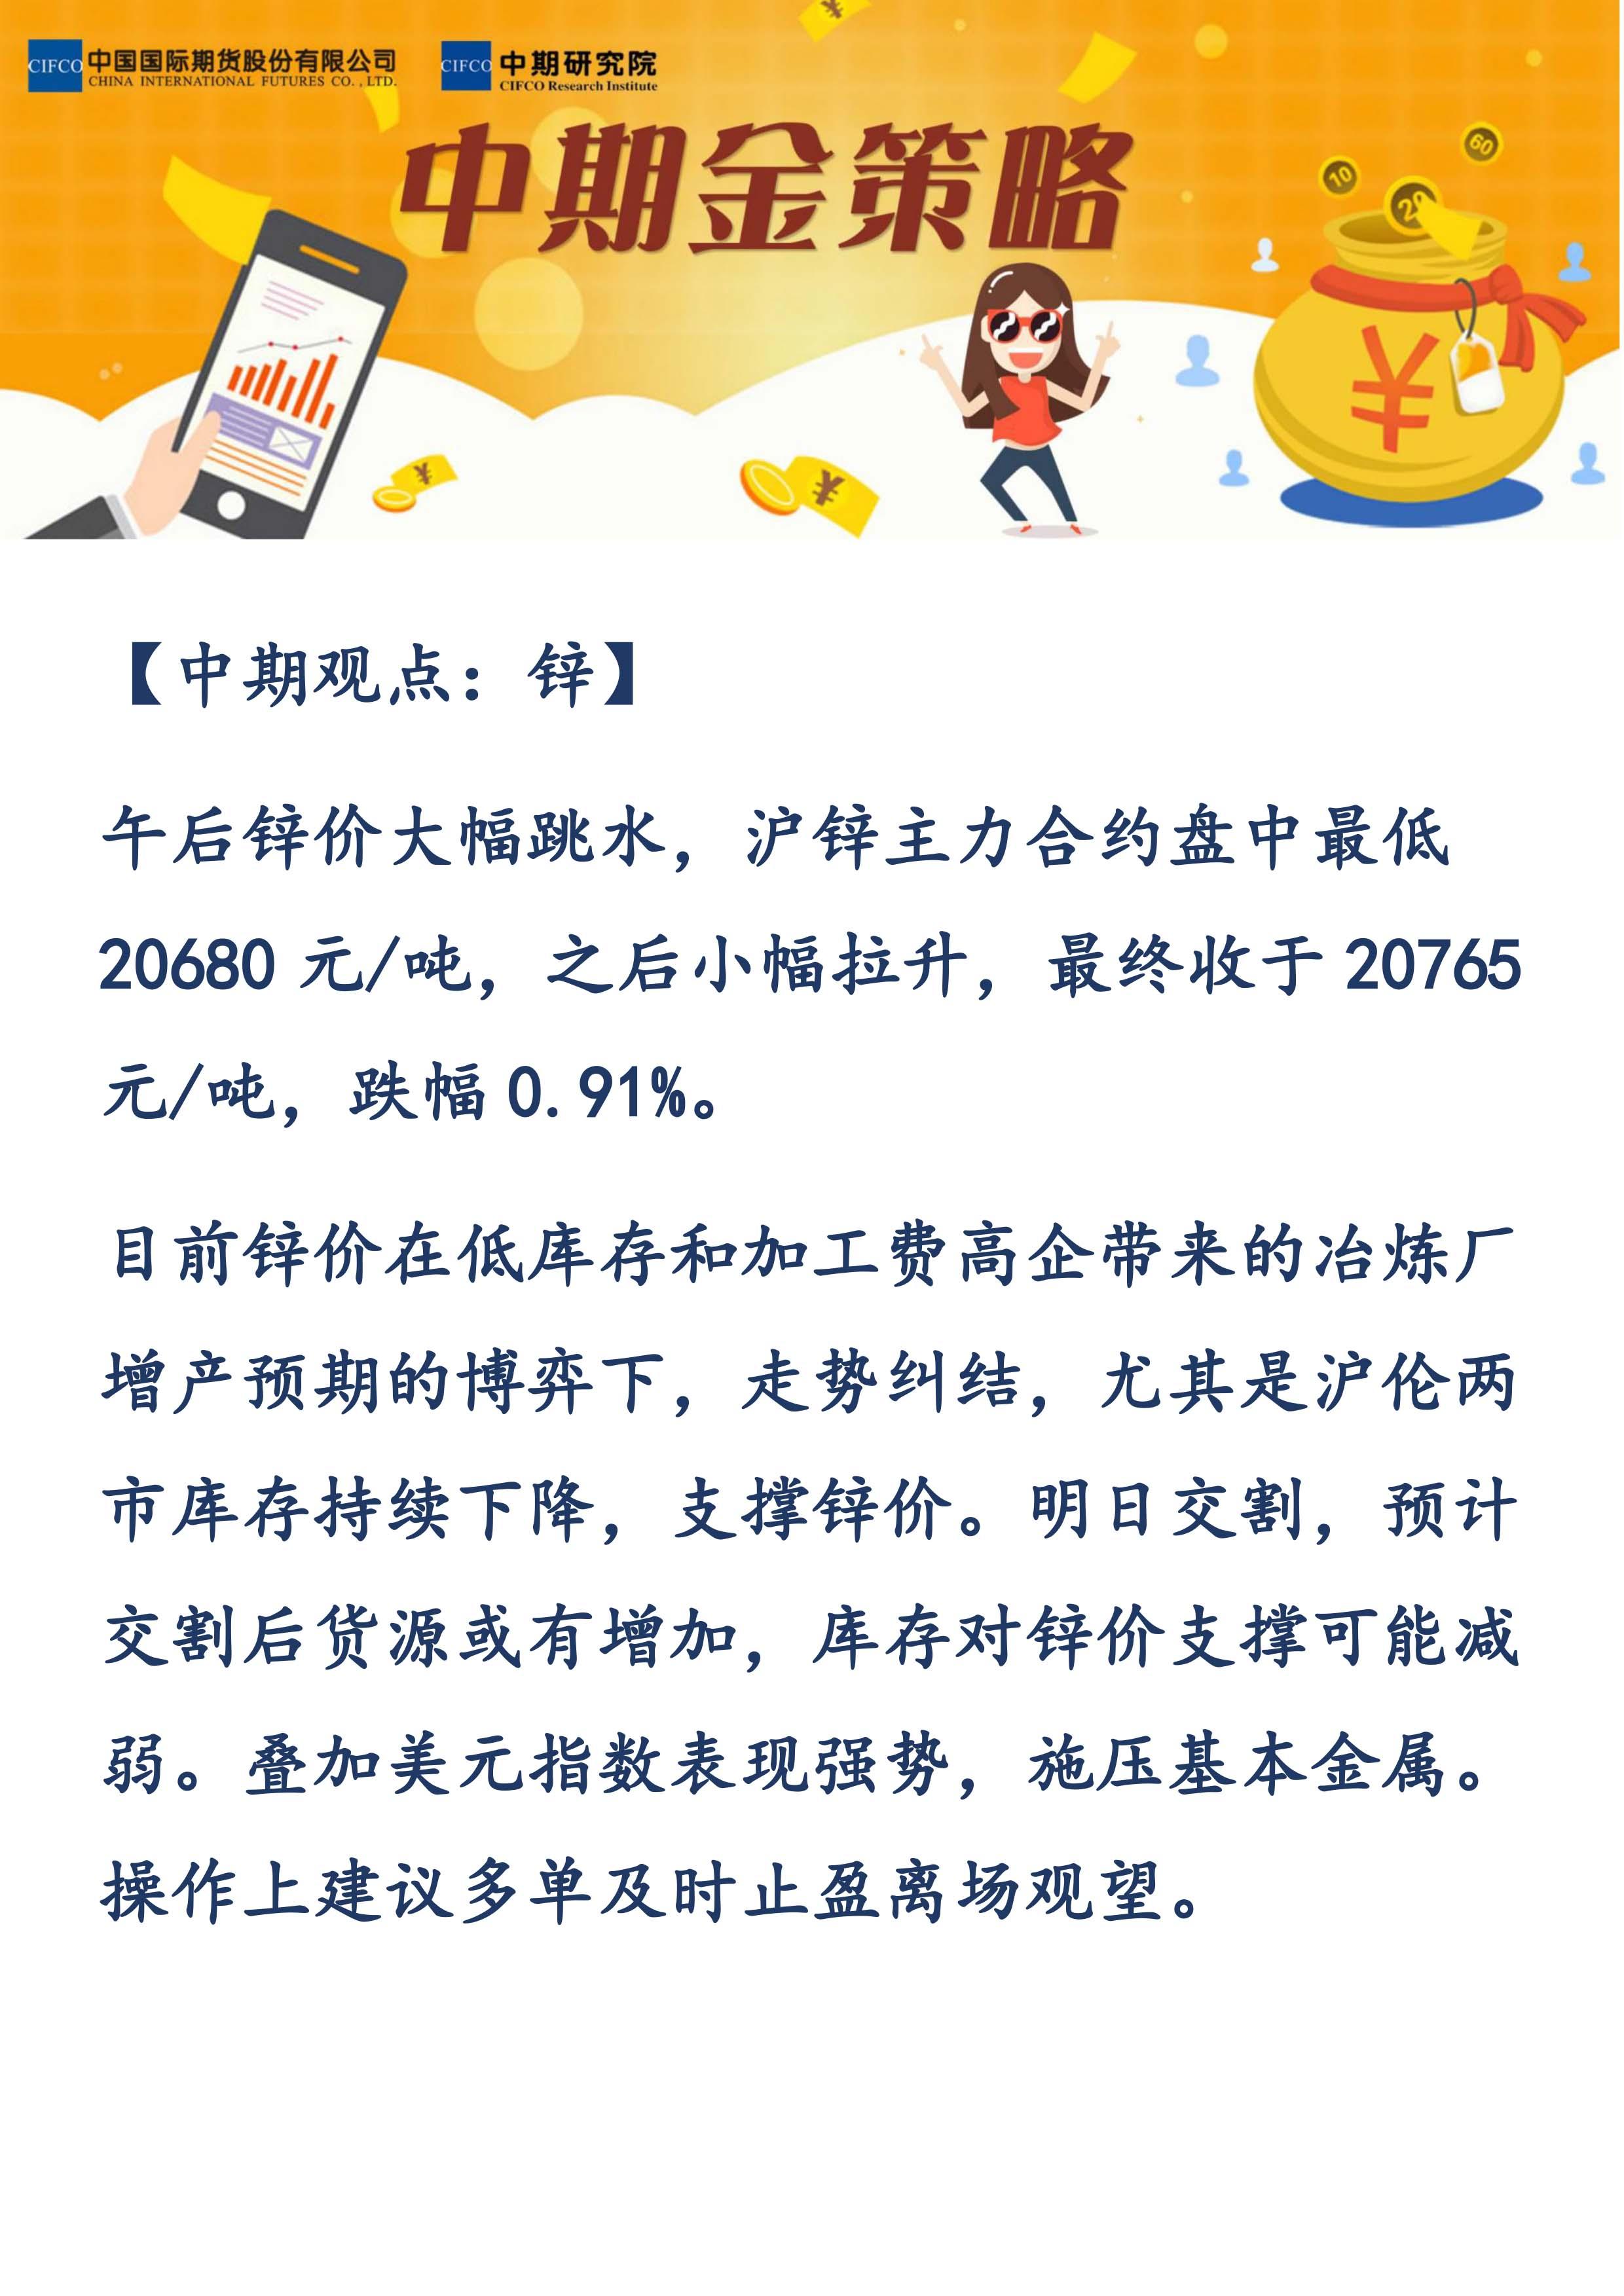 易胜博金策略-有色-20181114-锌.jpg